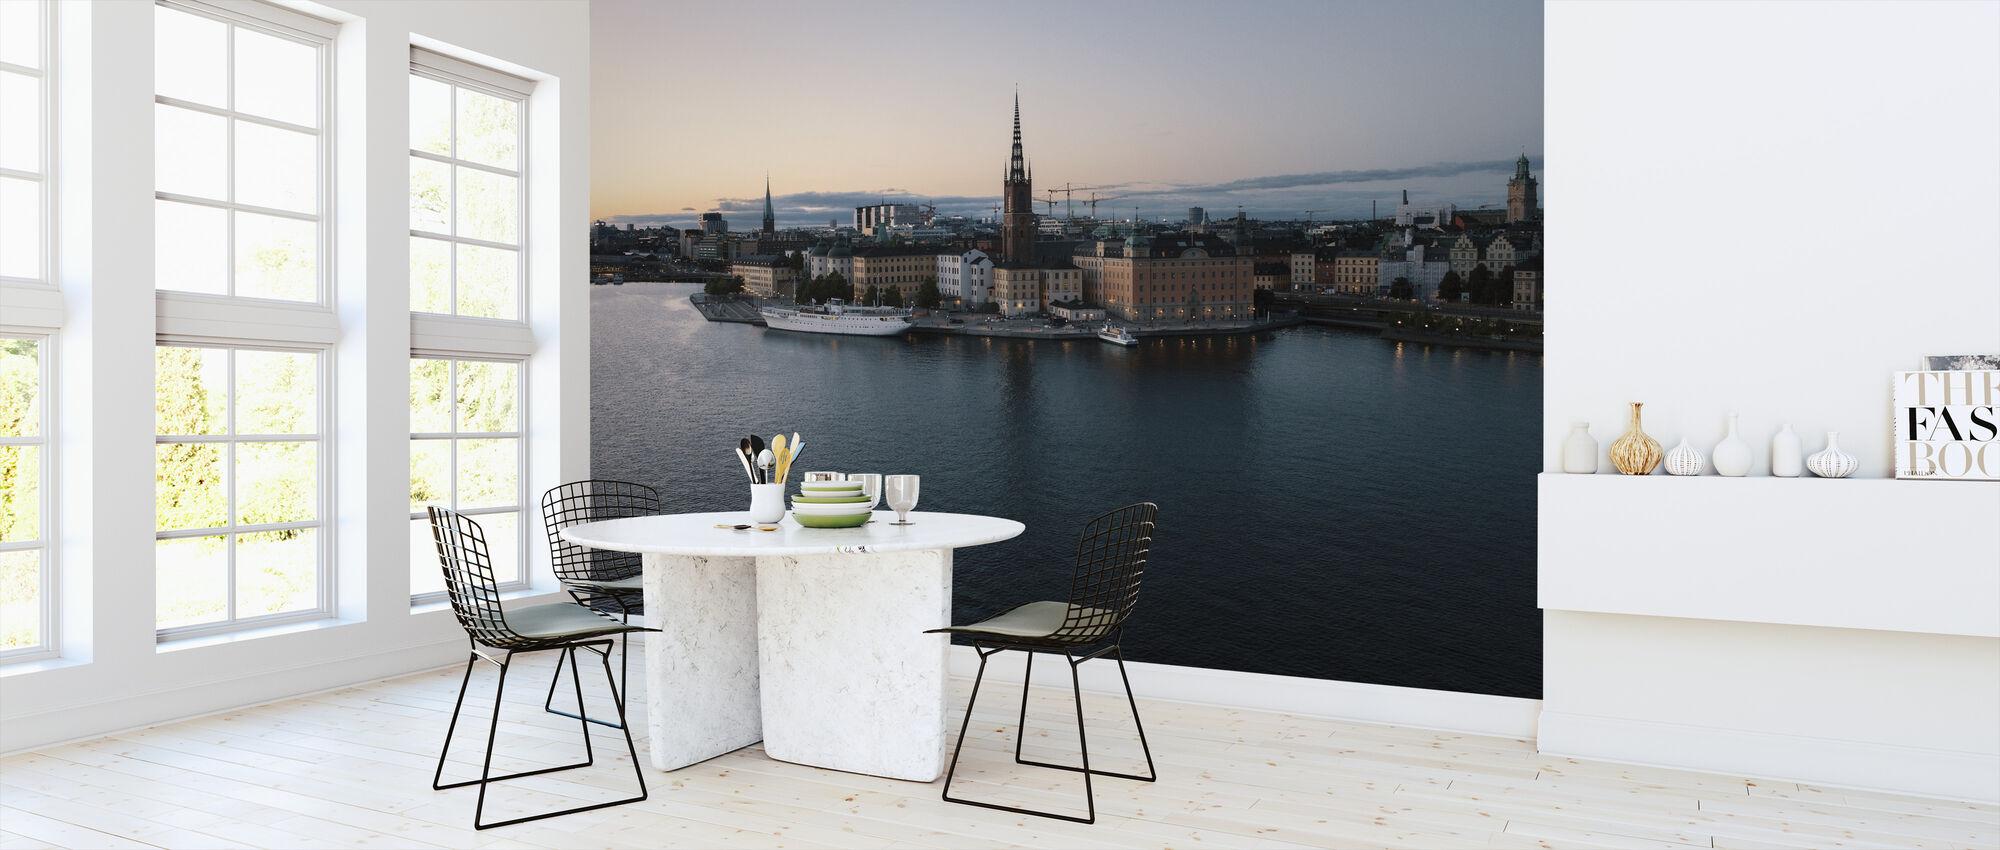 Gamla Stan - Sweden - Wallpaper - Kitchen